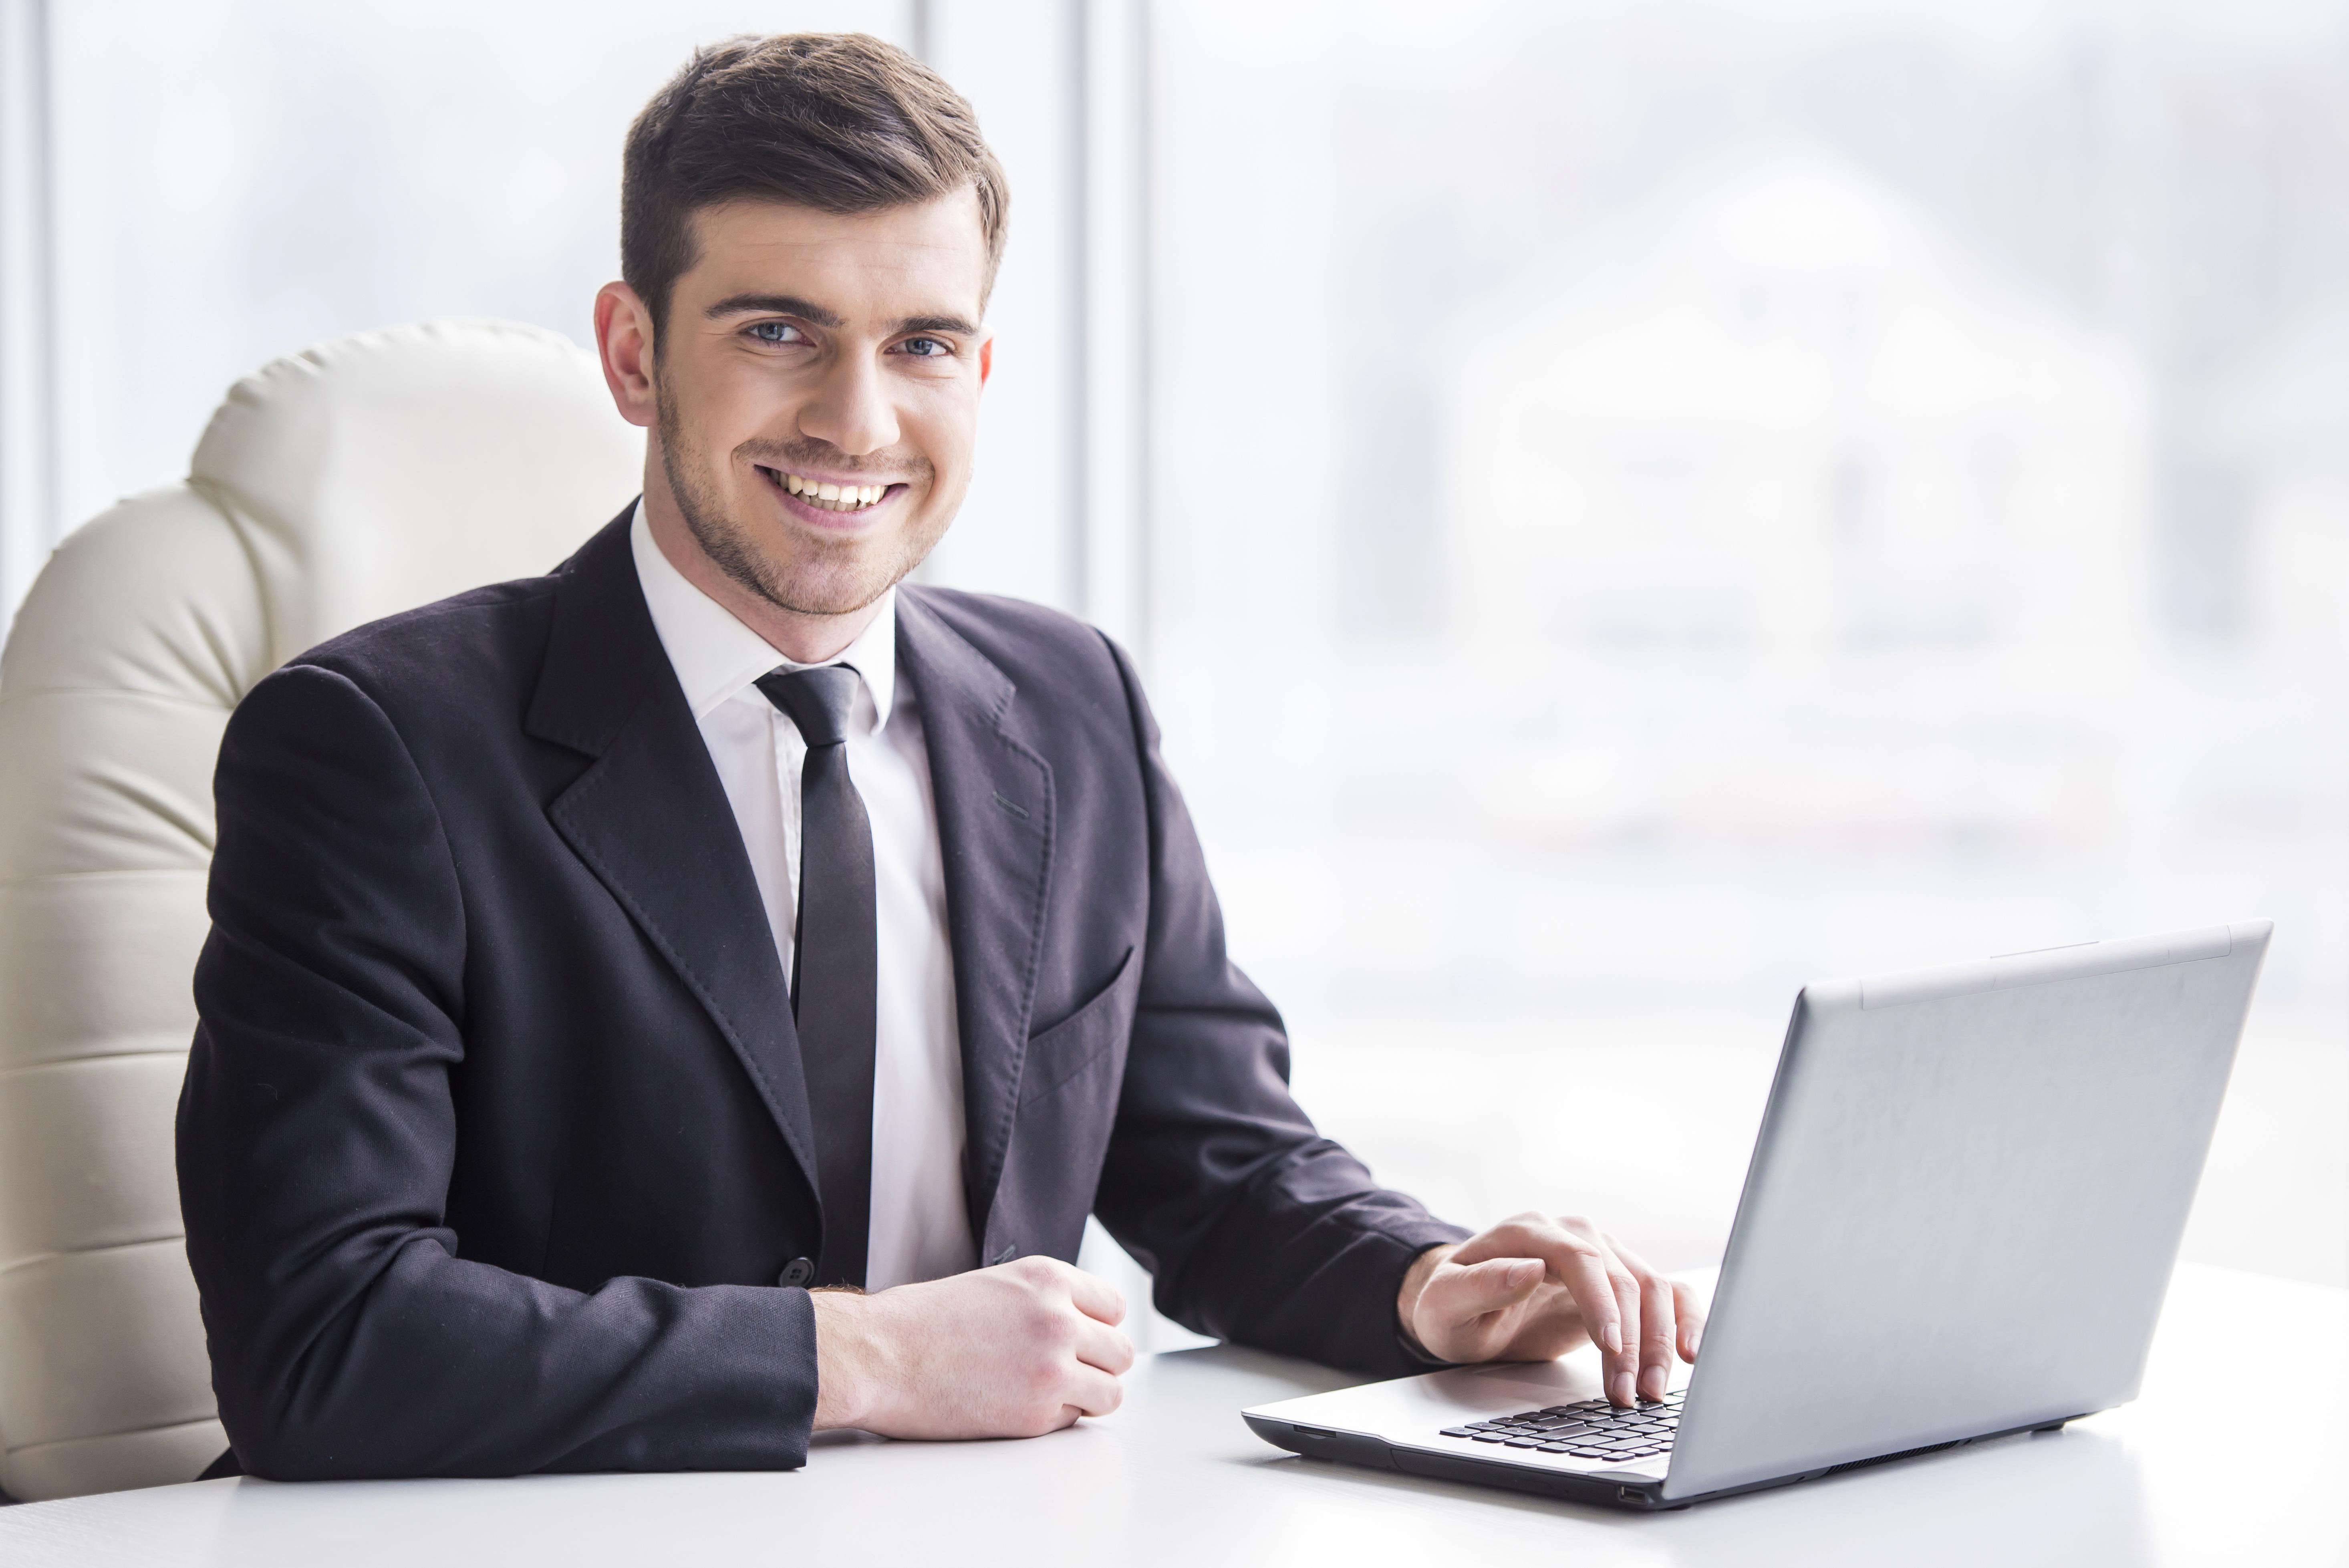 Бизнесмен, который может получить ВНЖ в Испании через бизнес